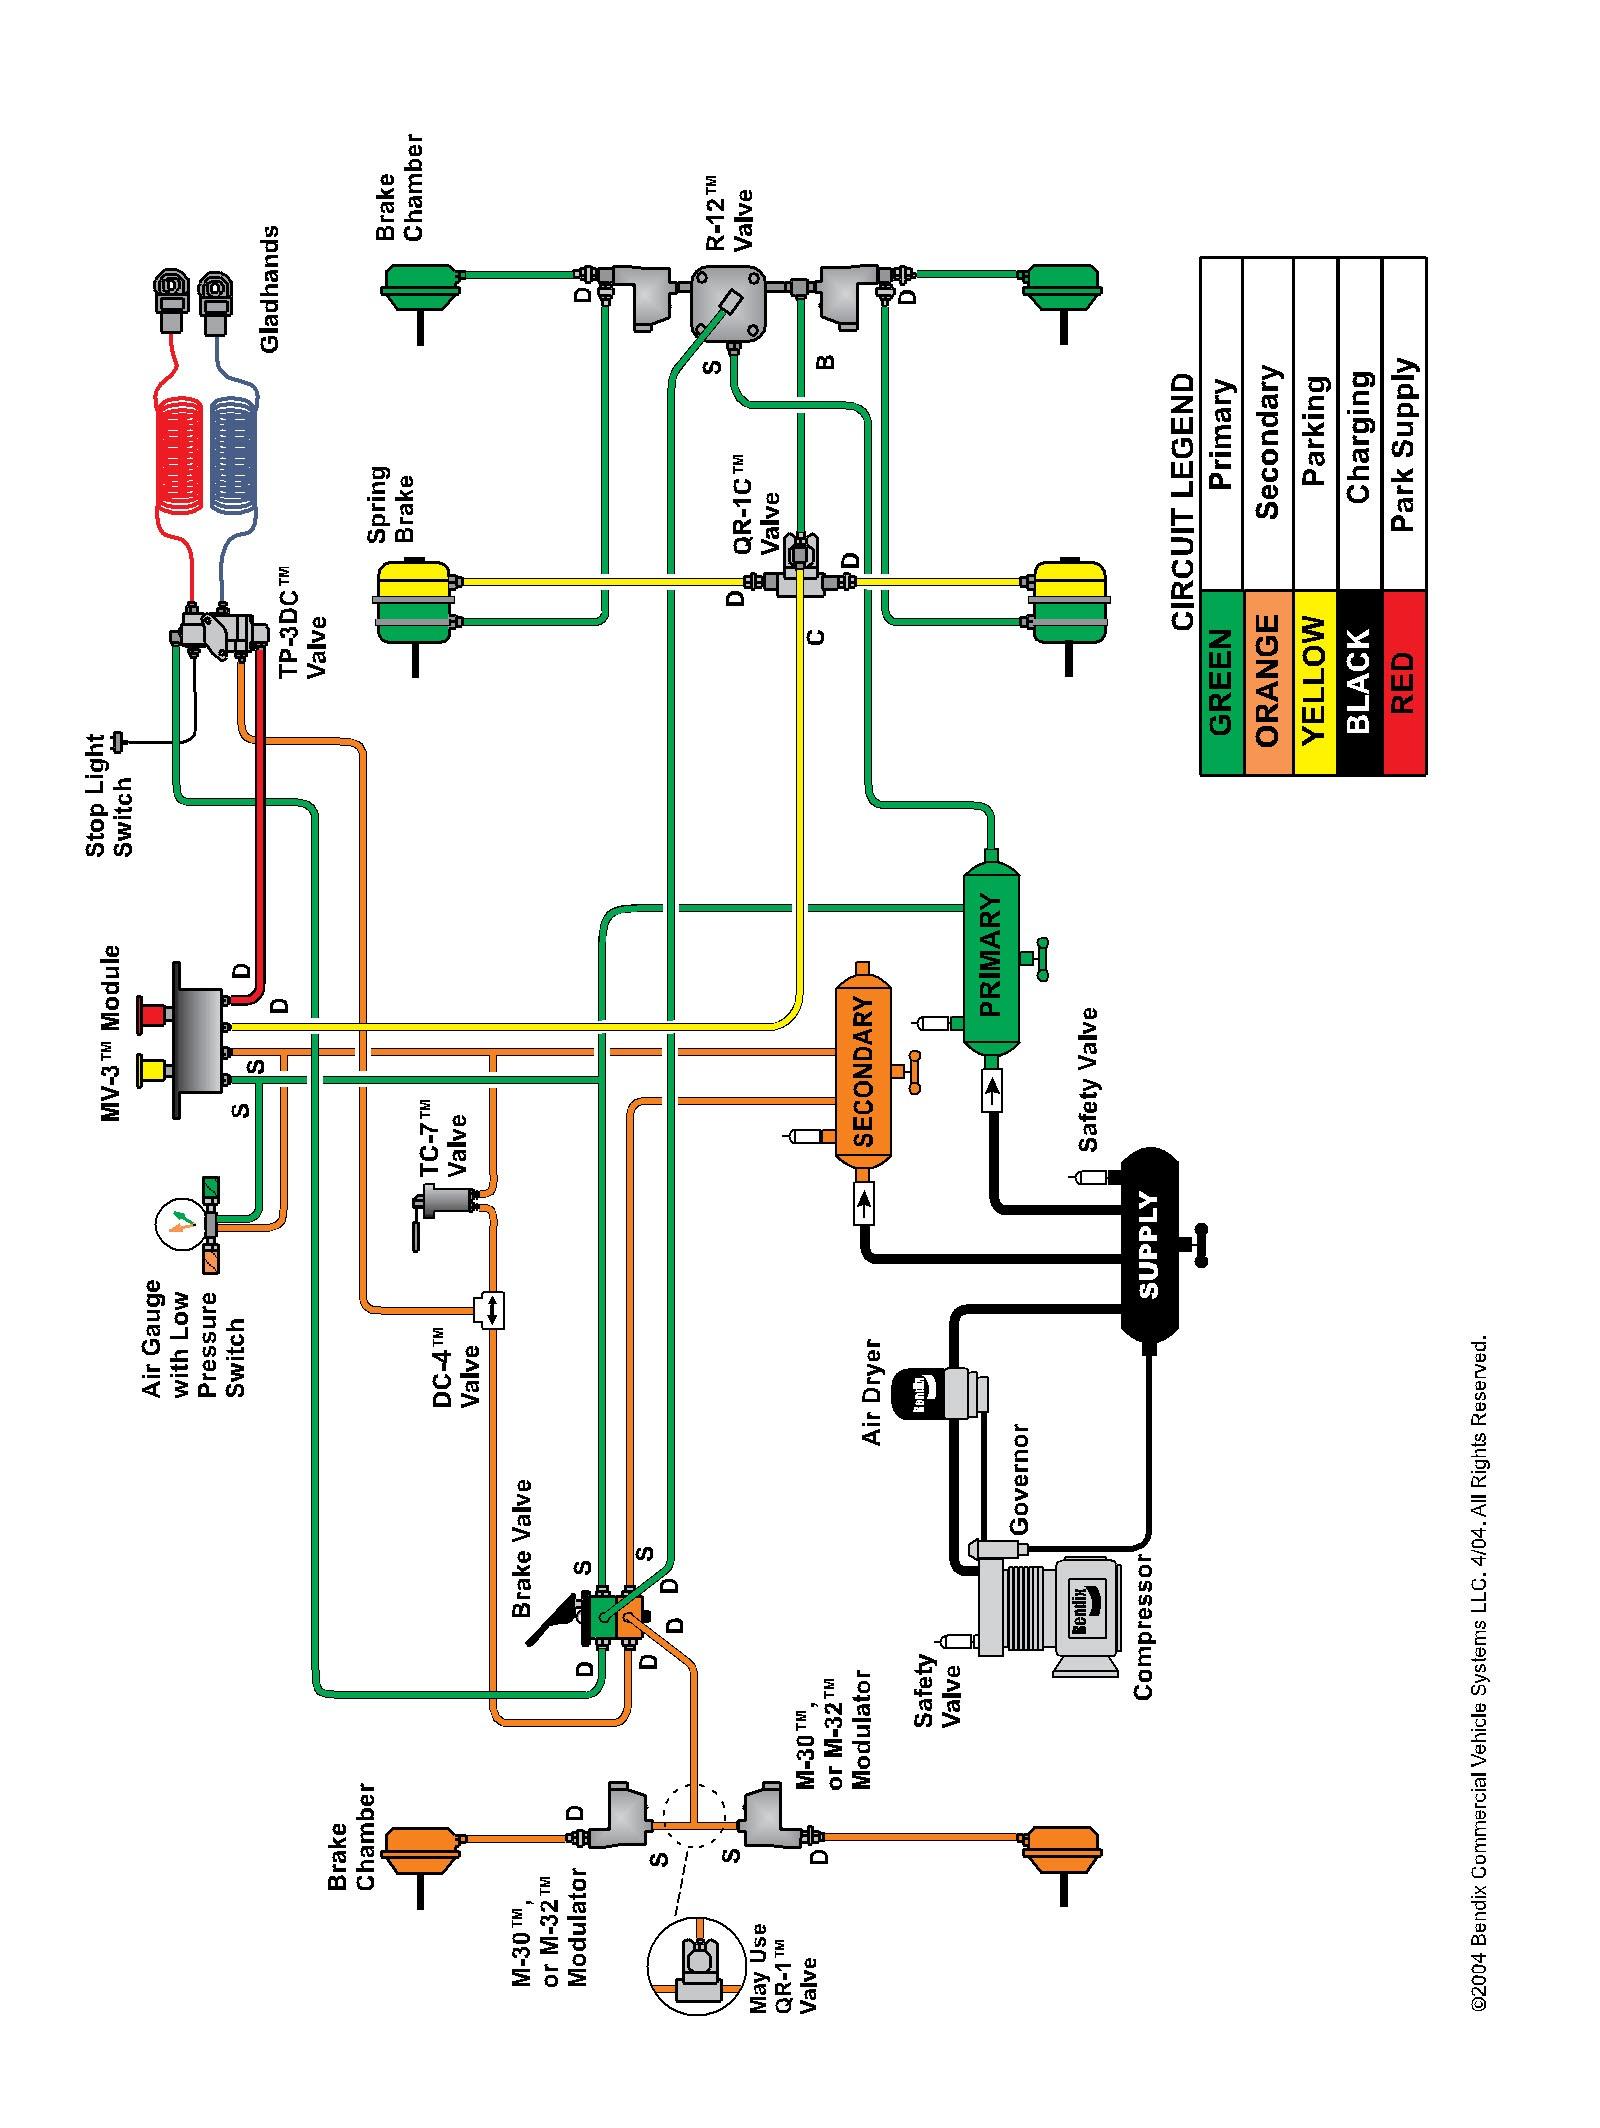 Peterbilt Air Brake Diagram Diagram] Mack Air Brake Wiring Diagram Full Version Hd Of Peterbilt Air Brake Diagram